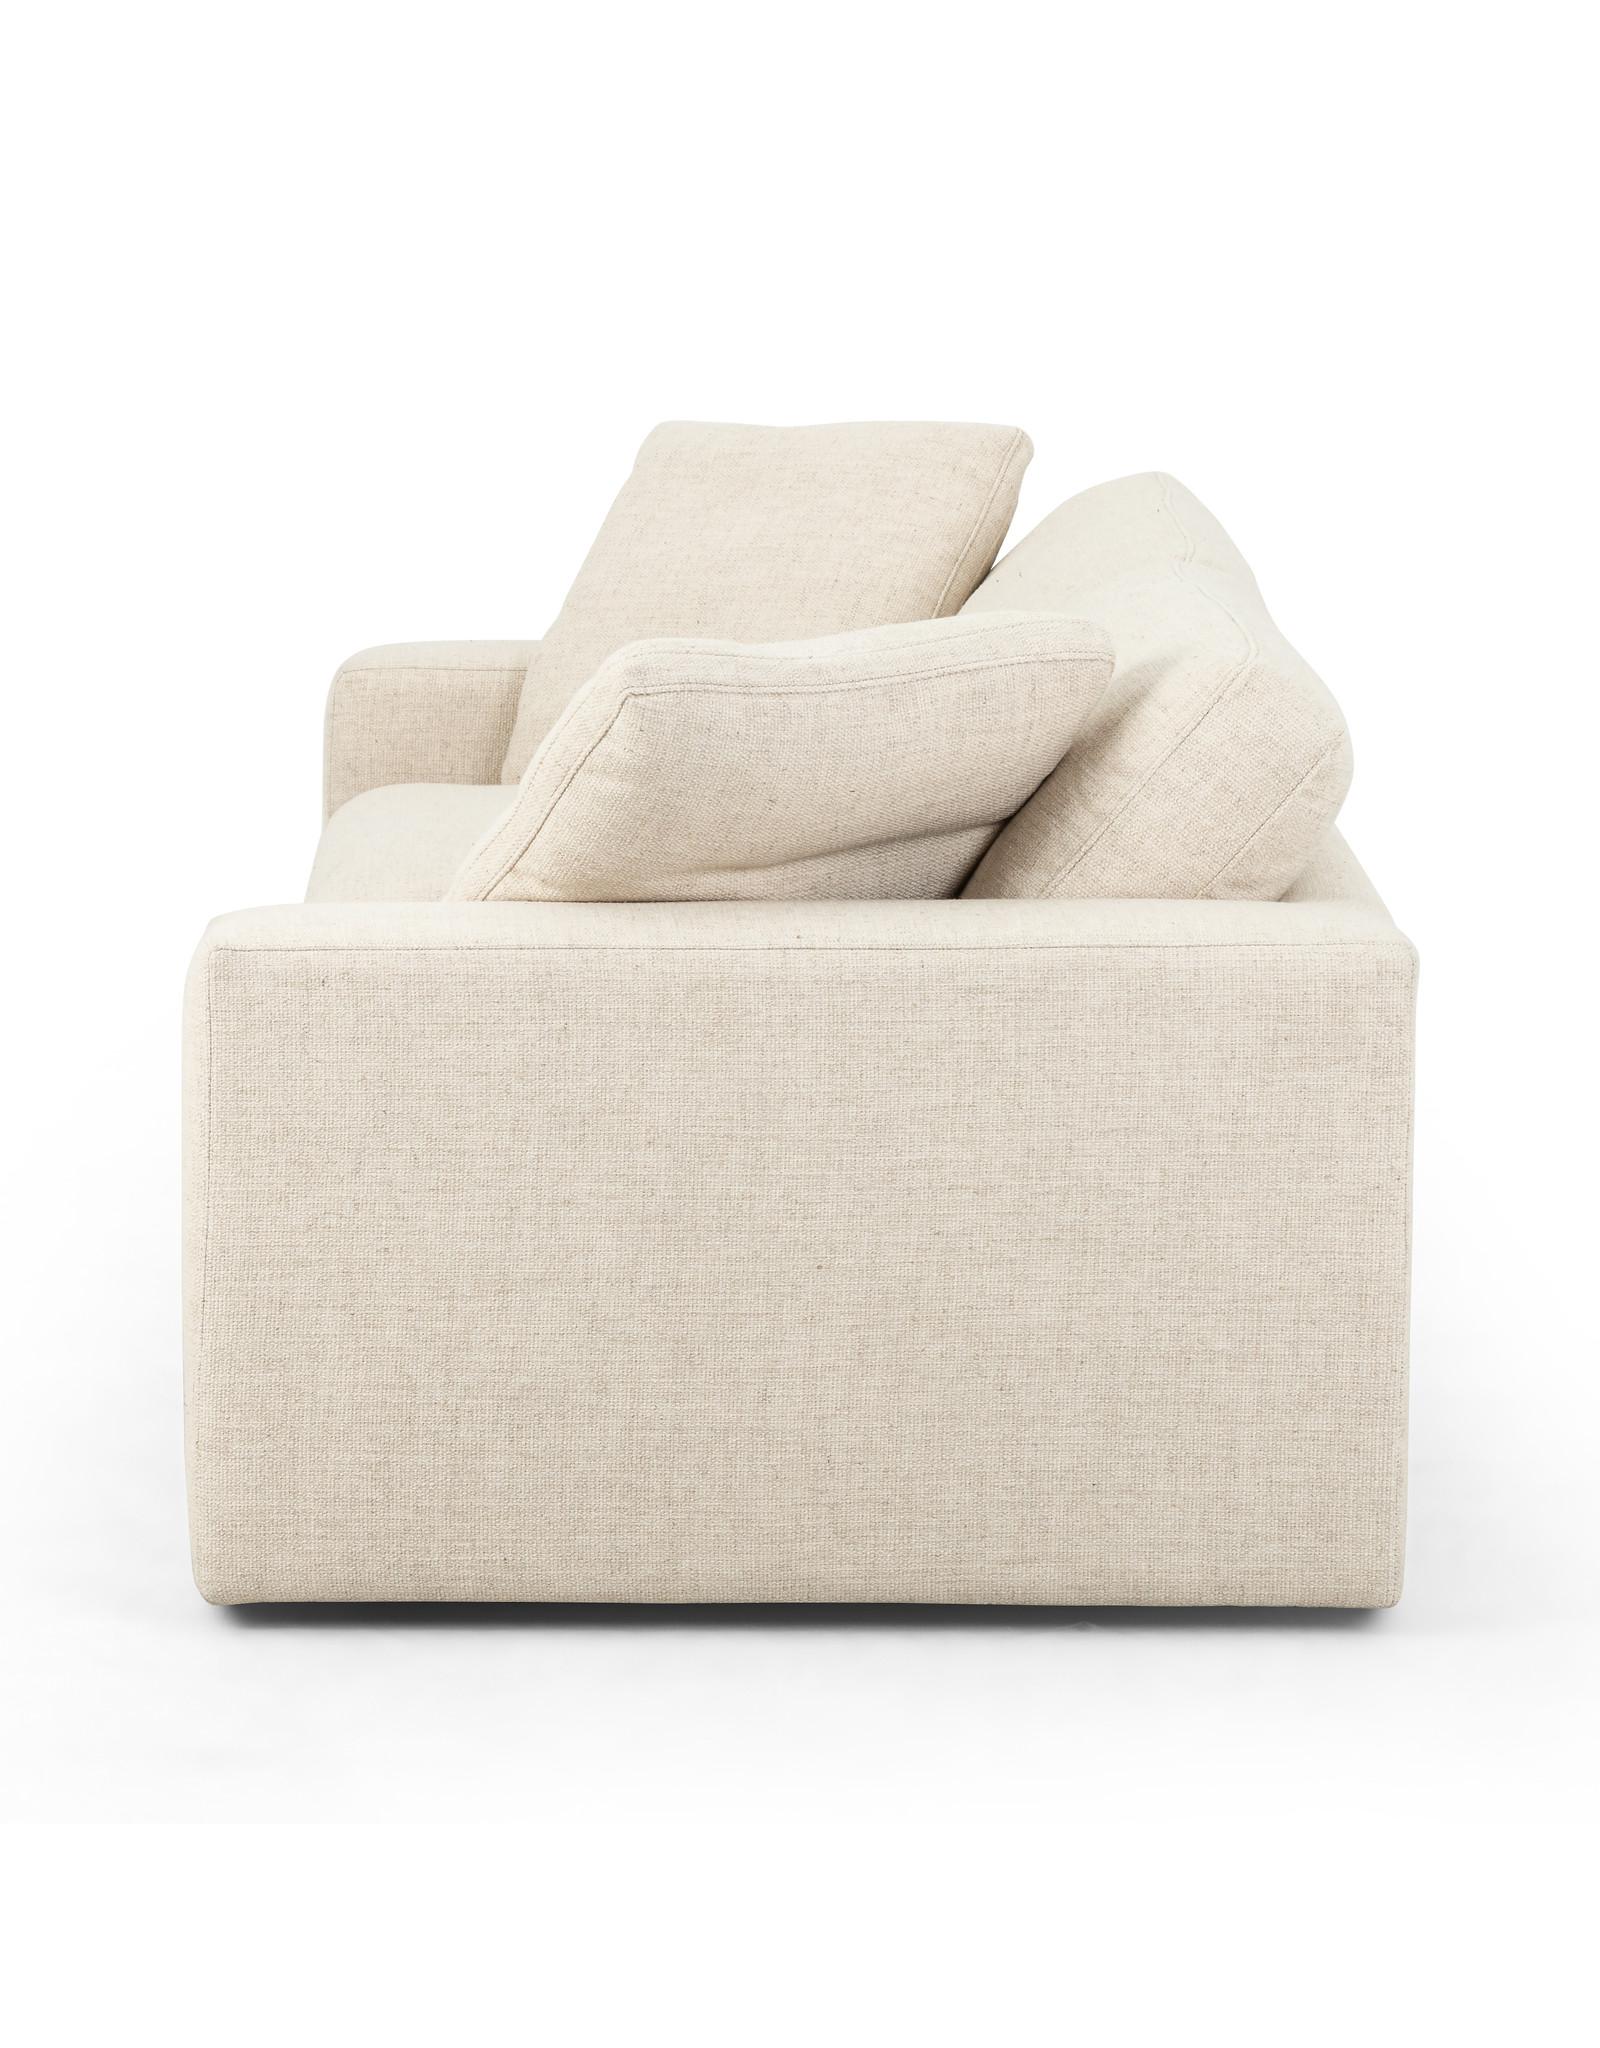 *Plume Sofa